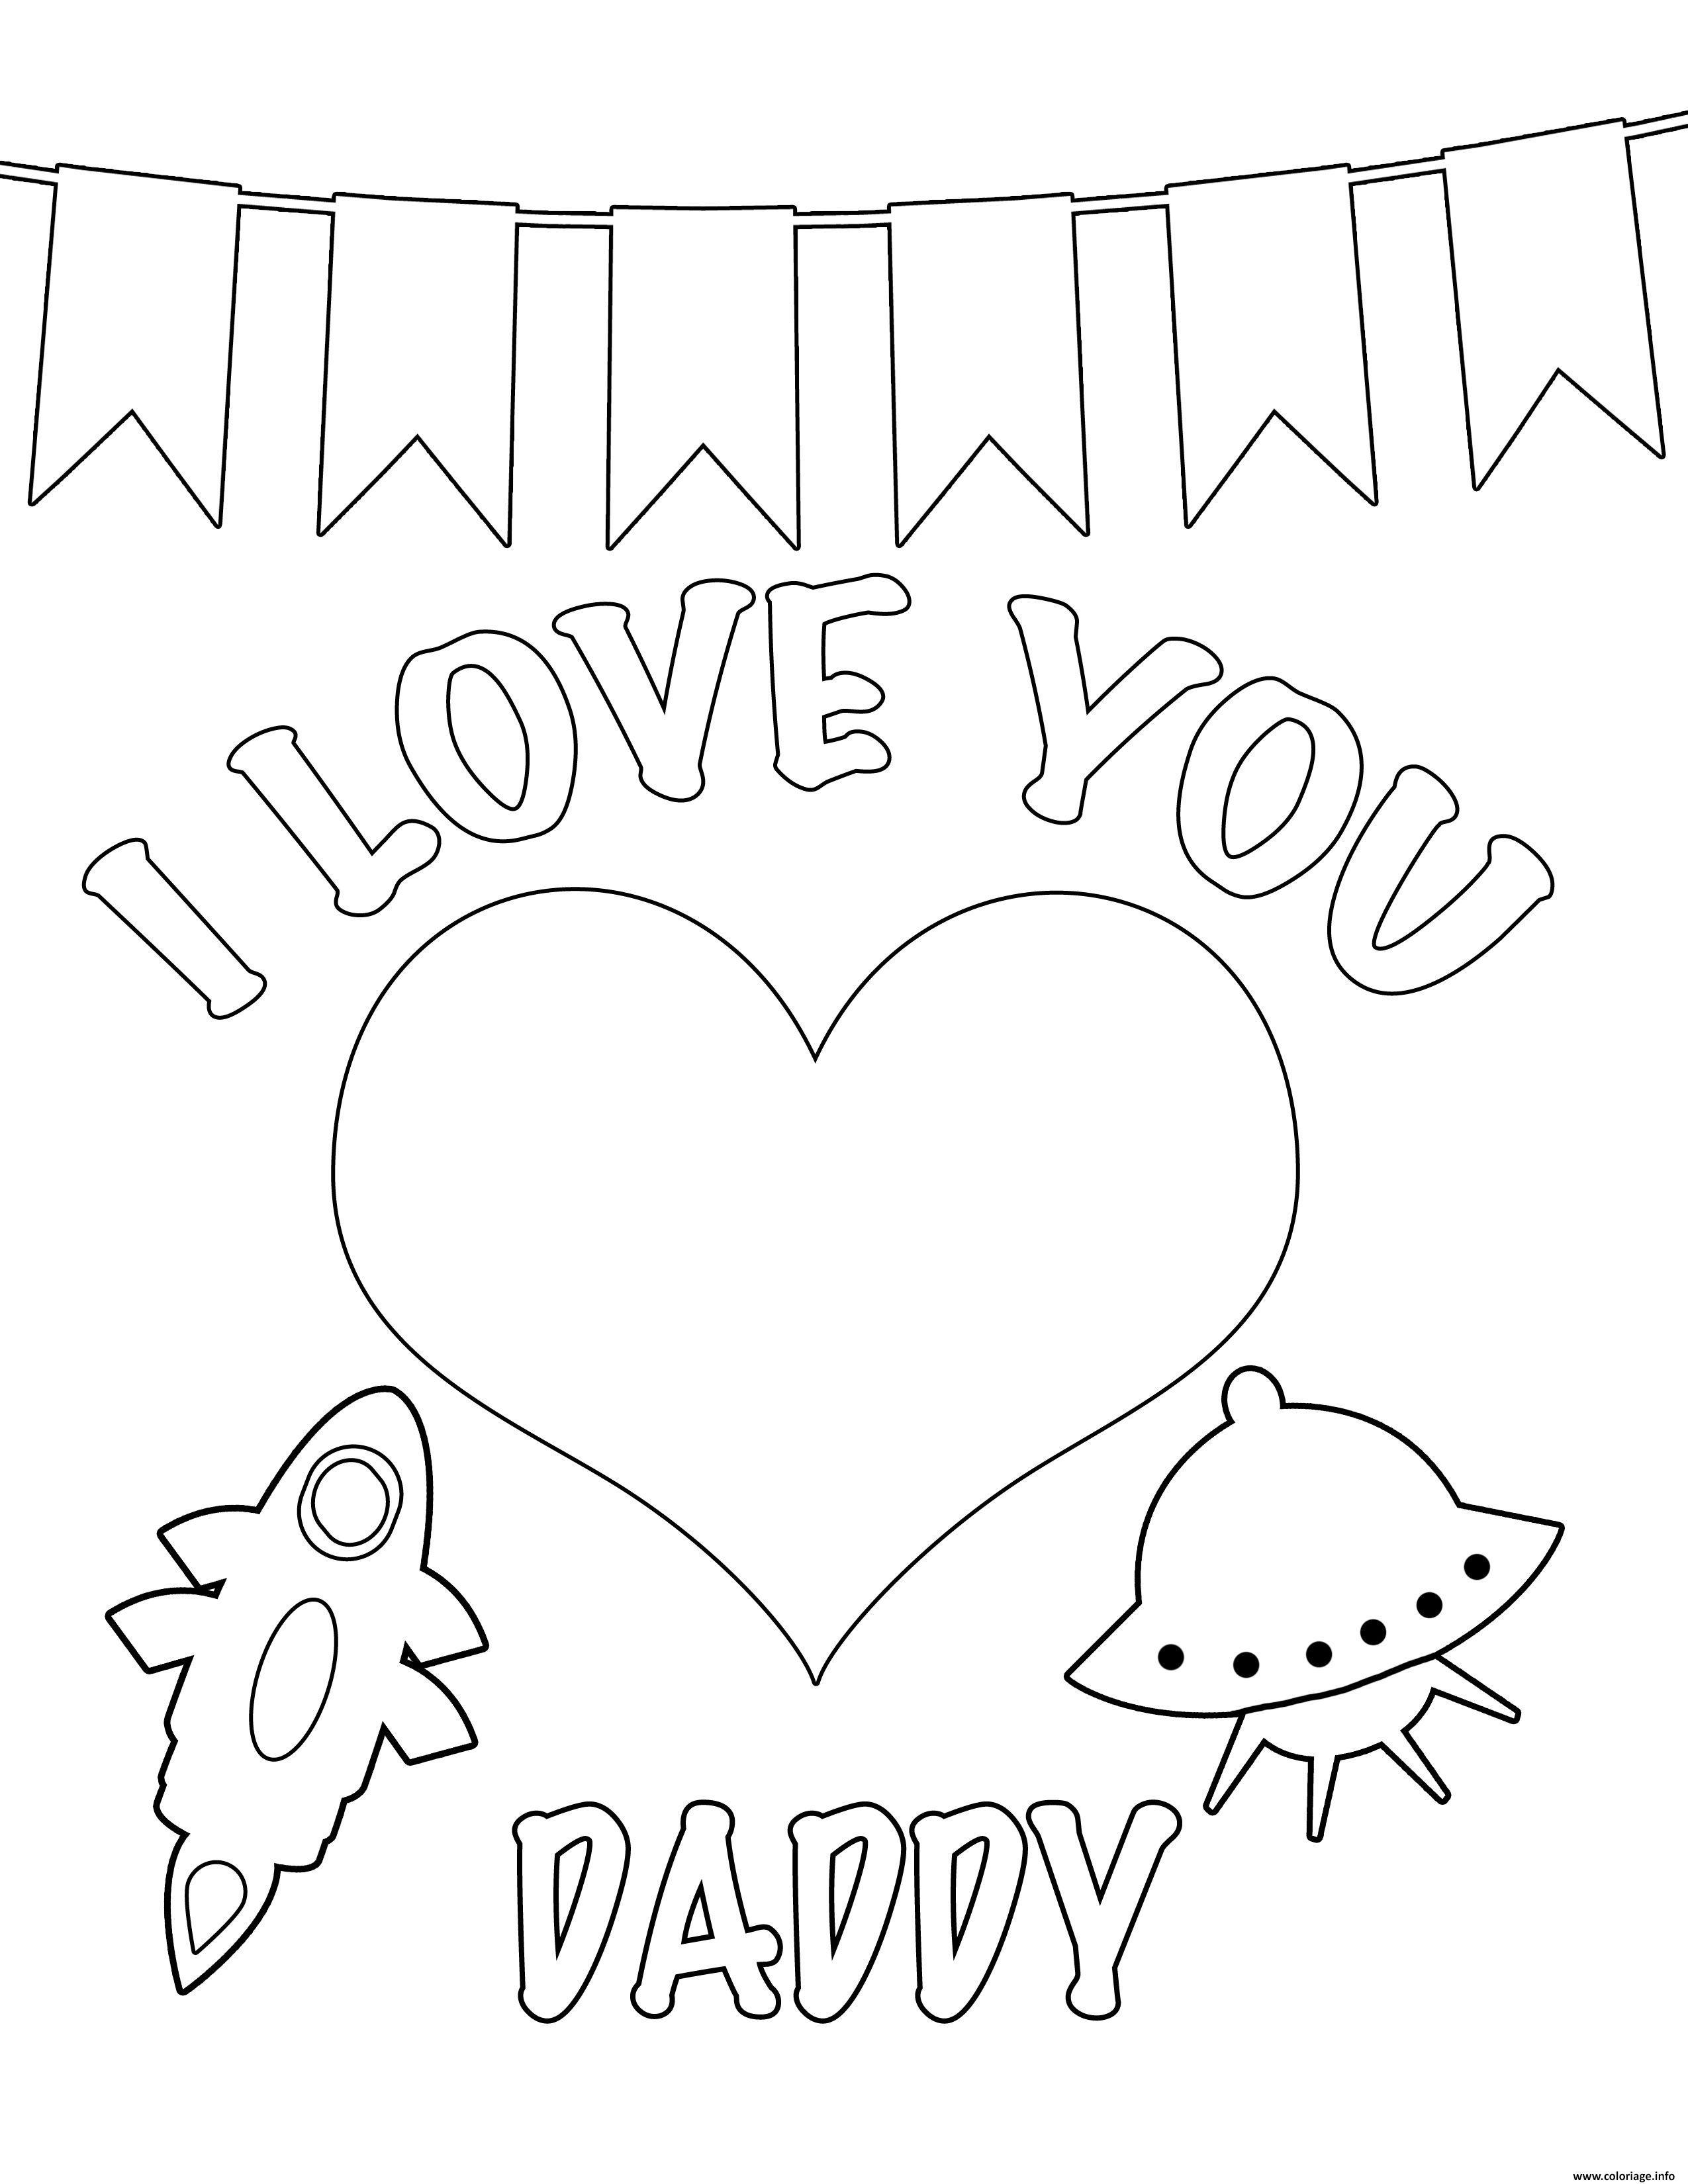 Dessin Je taime Papa Love You Daddy Coloriage Gratuit à Imprimer